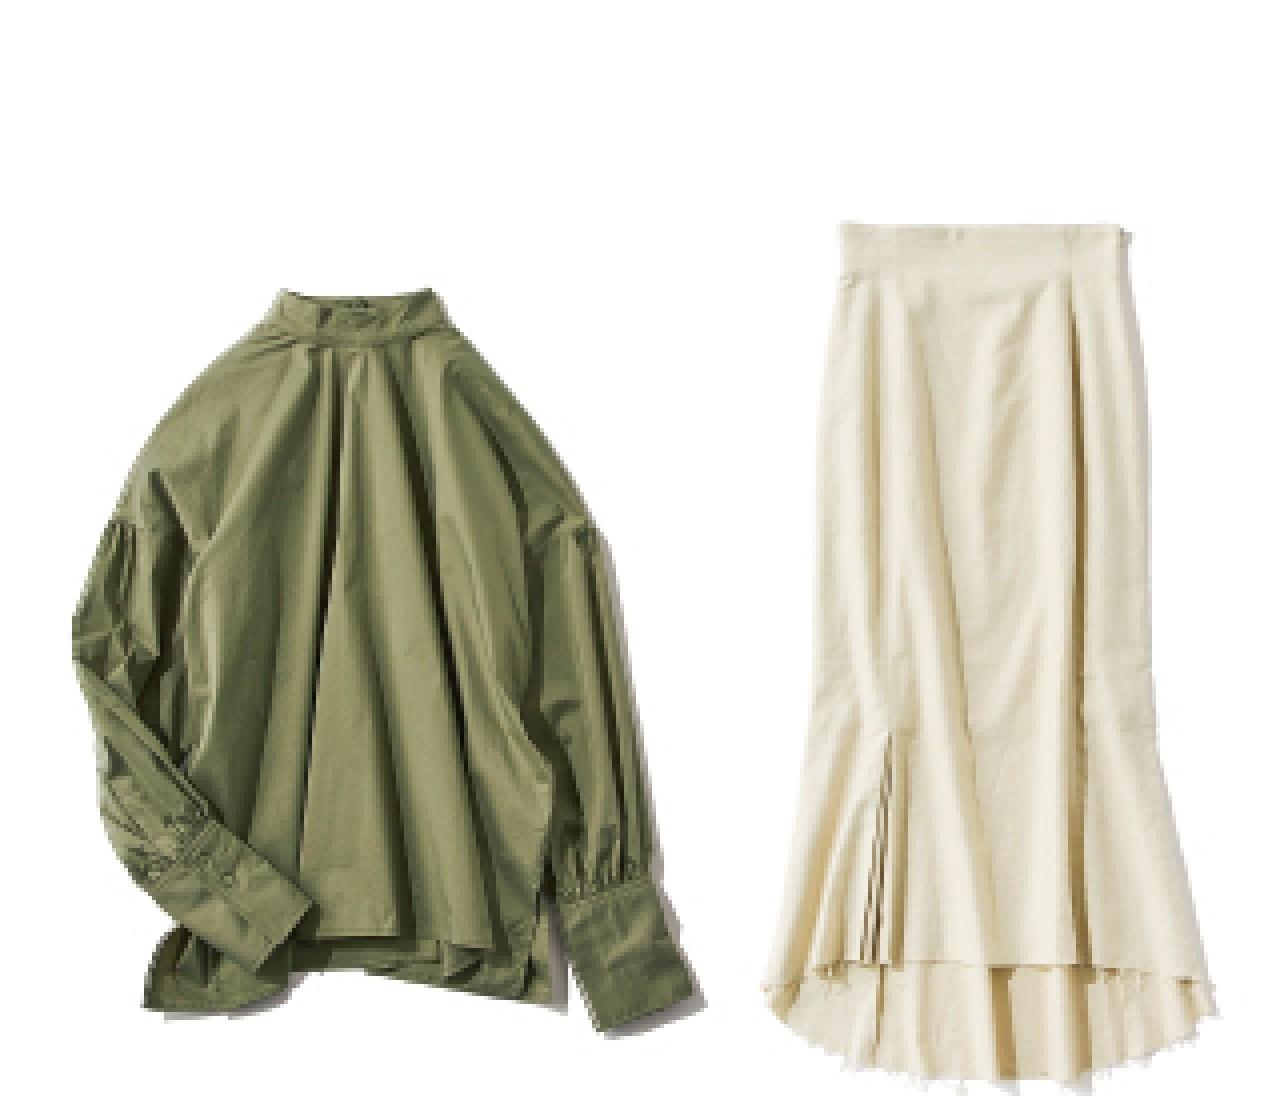 話題のECブランド「STYLEMIXER(スタイルミキサー)」で高感覚な服を低価格で大人買い!